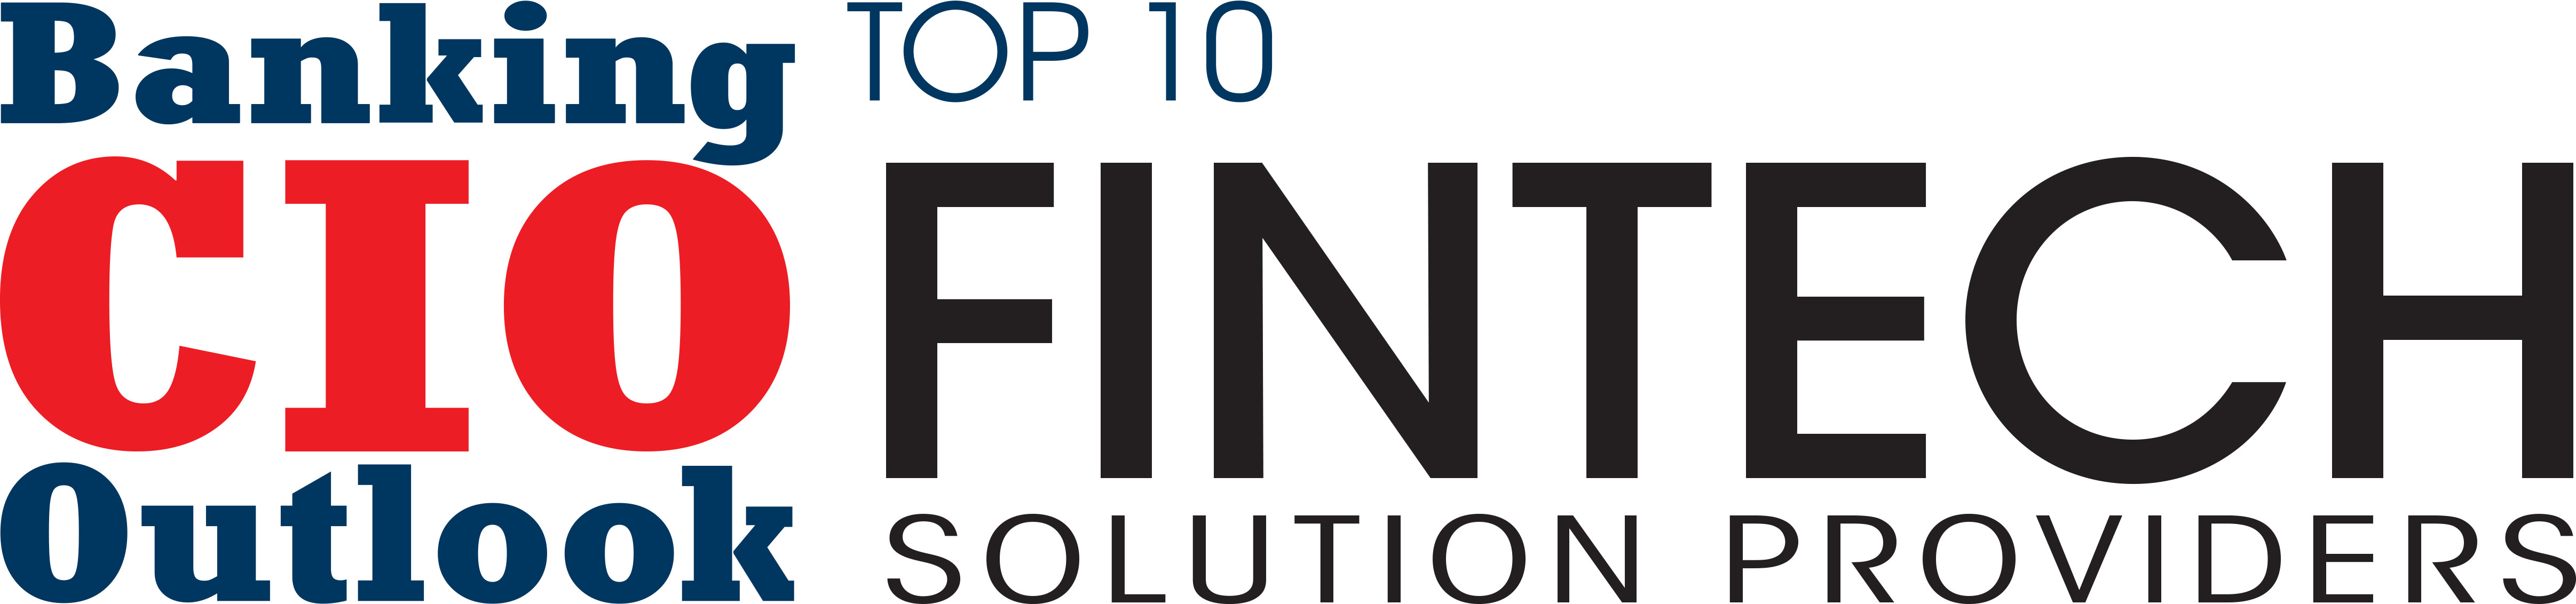 Top 10 Fintech Solution Companies - 2019